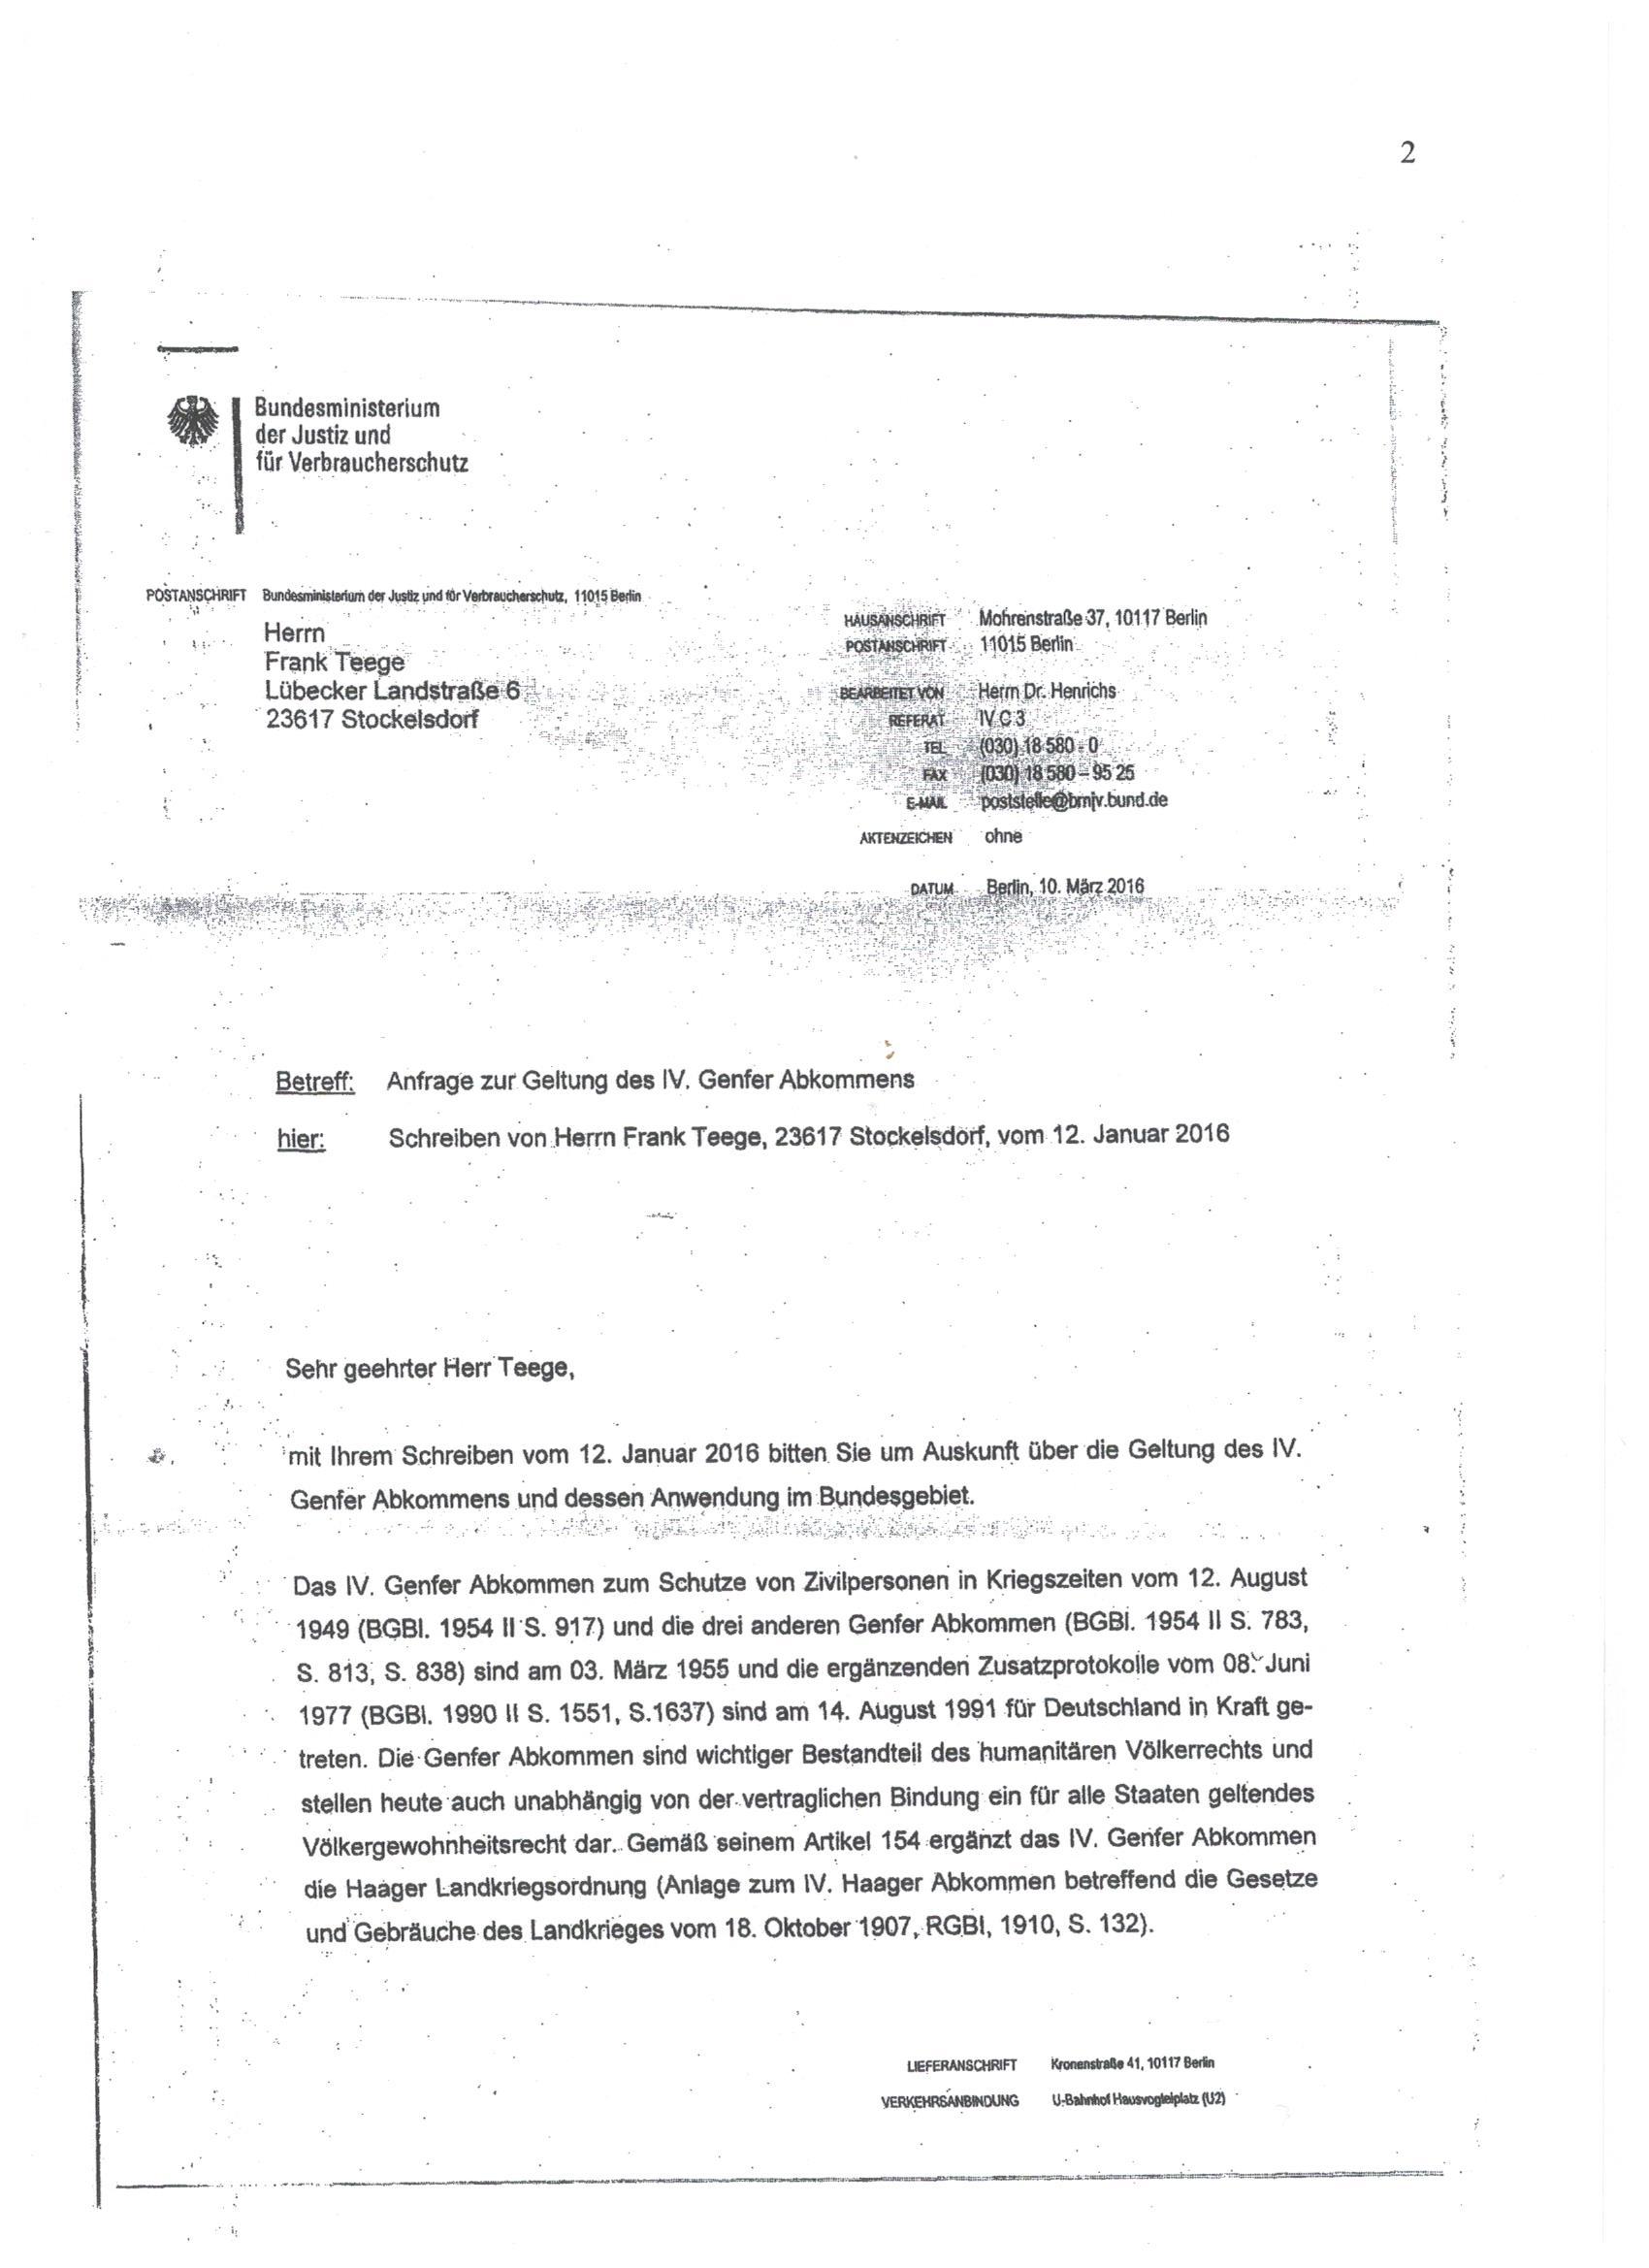 ämter Behörden Im Bund Nicht Grundrechtsberechtigt Gerichthof